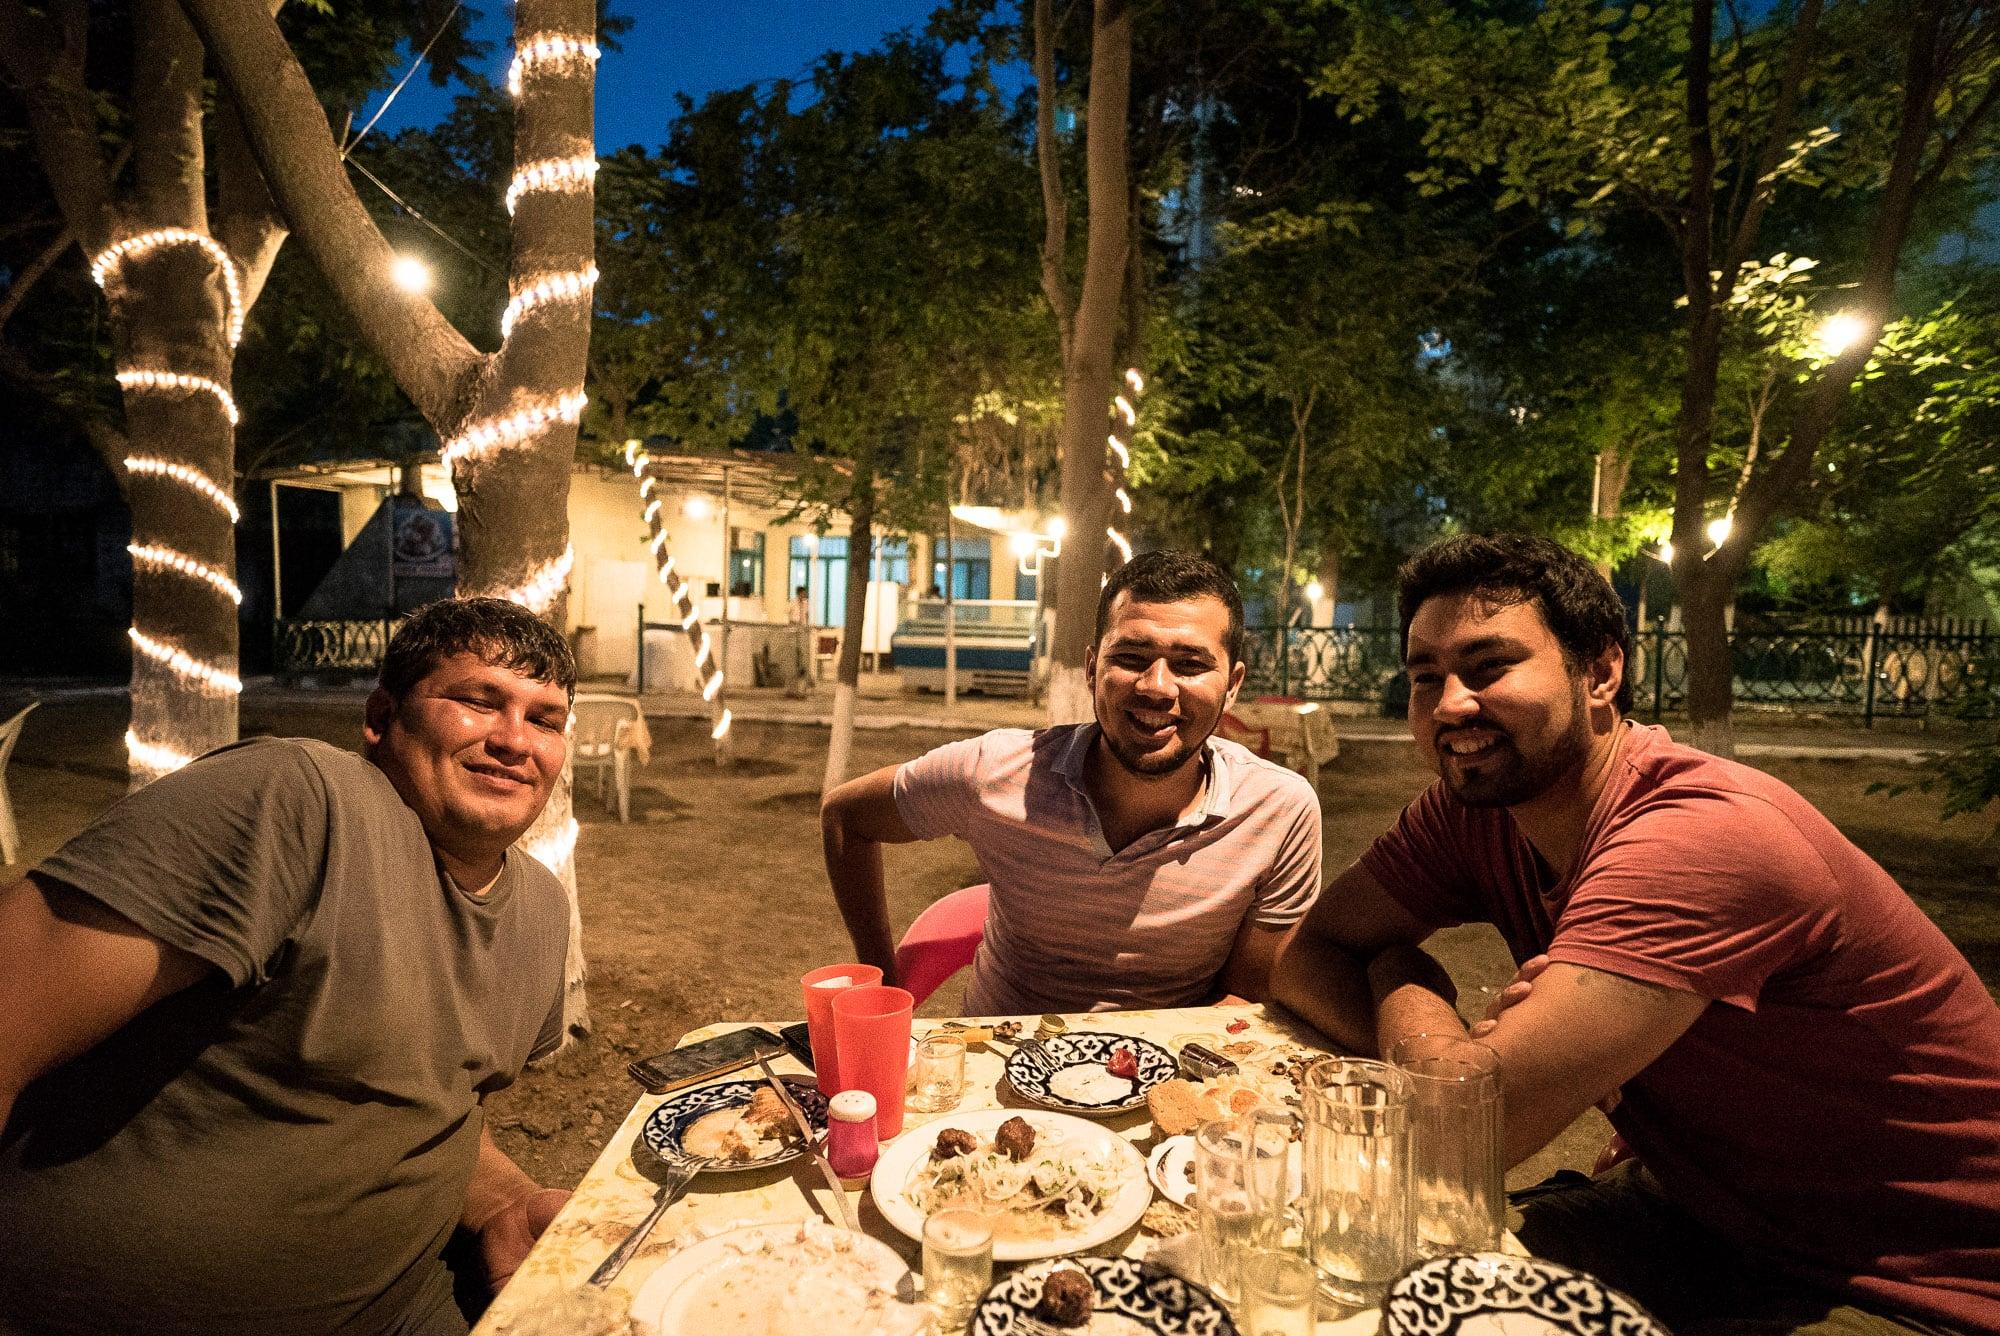 with Batir, Ruslan, and Giovanni